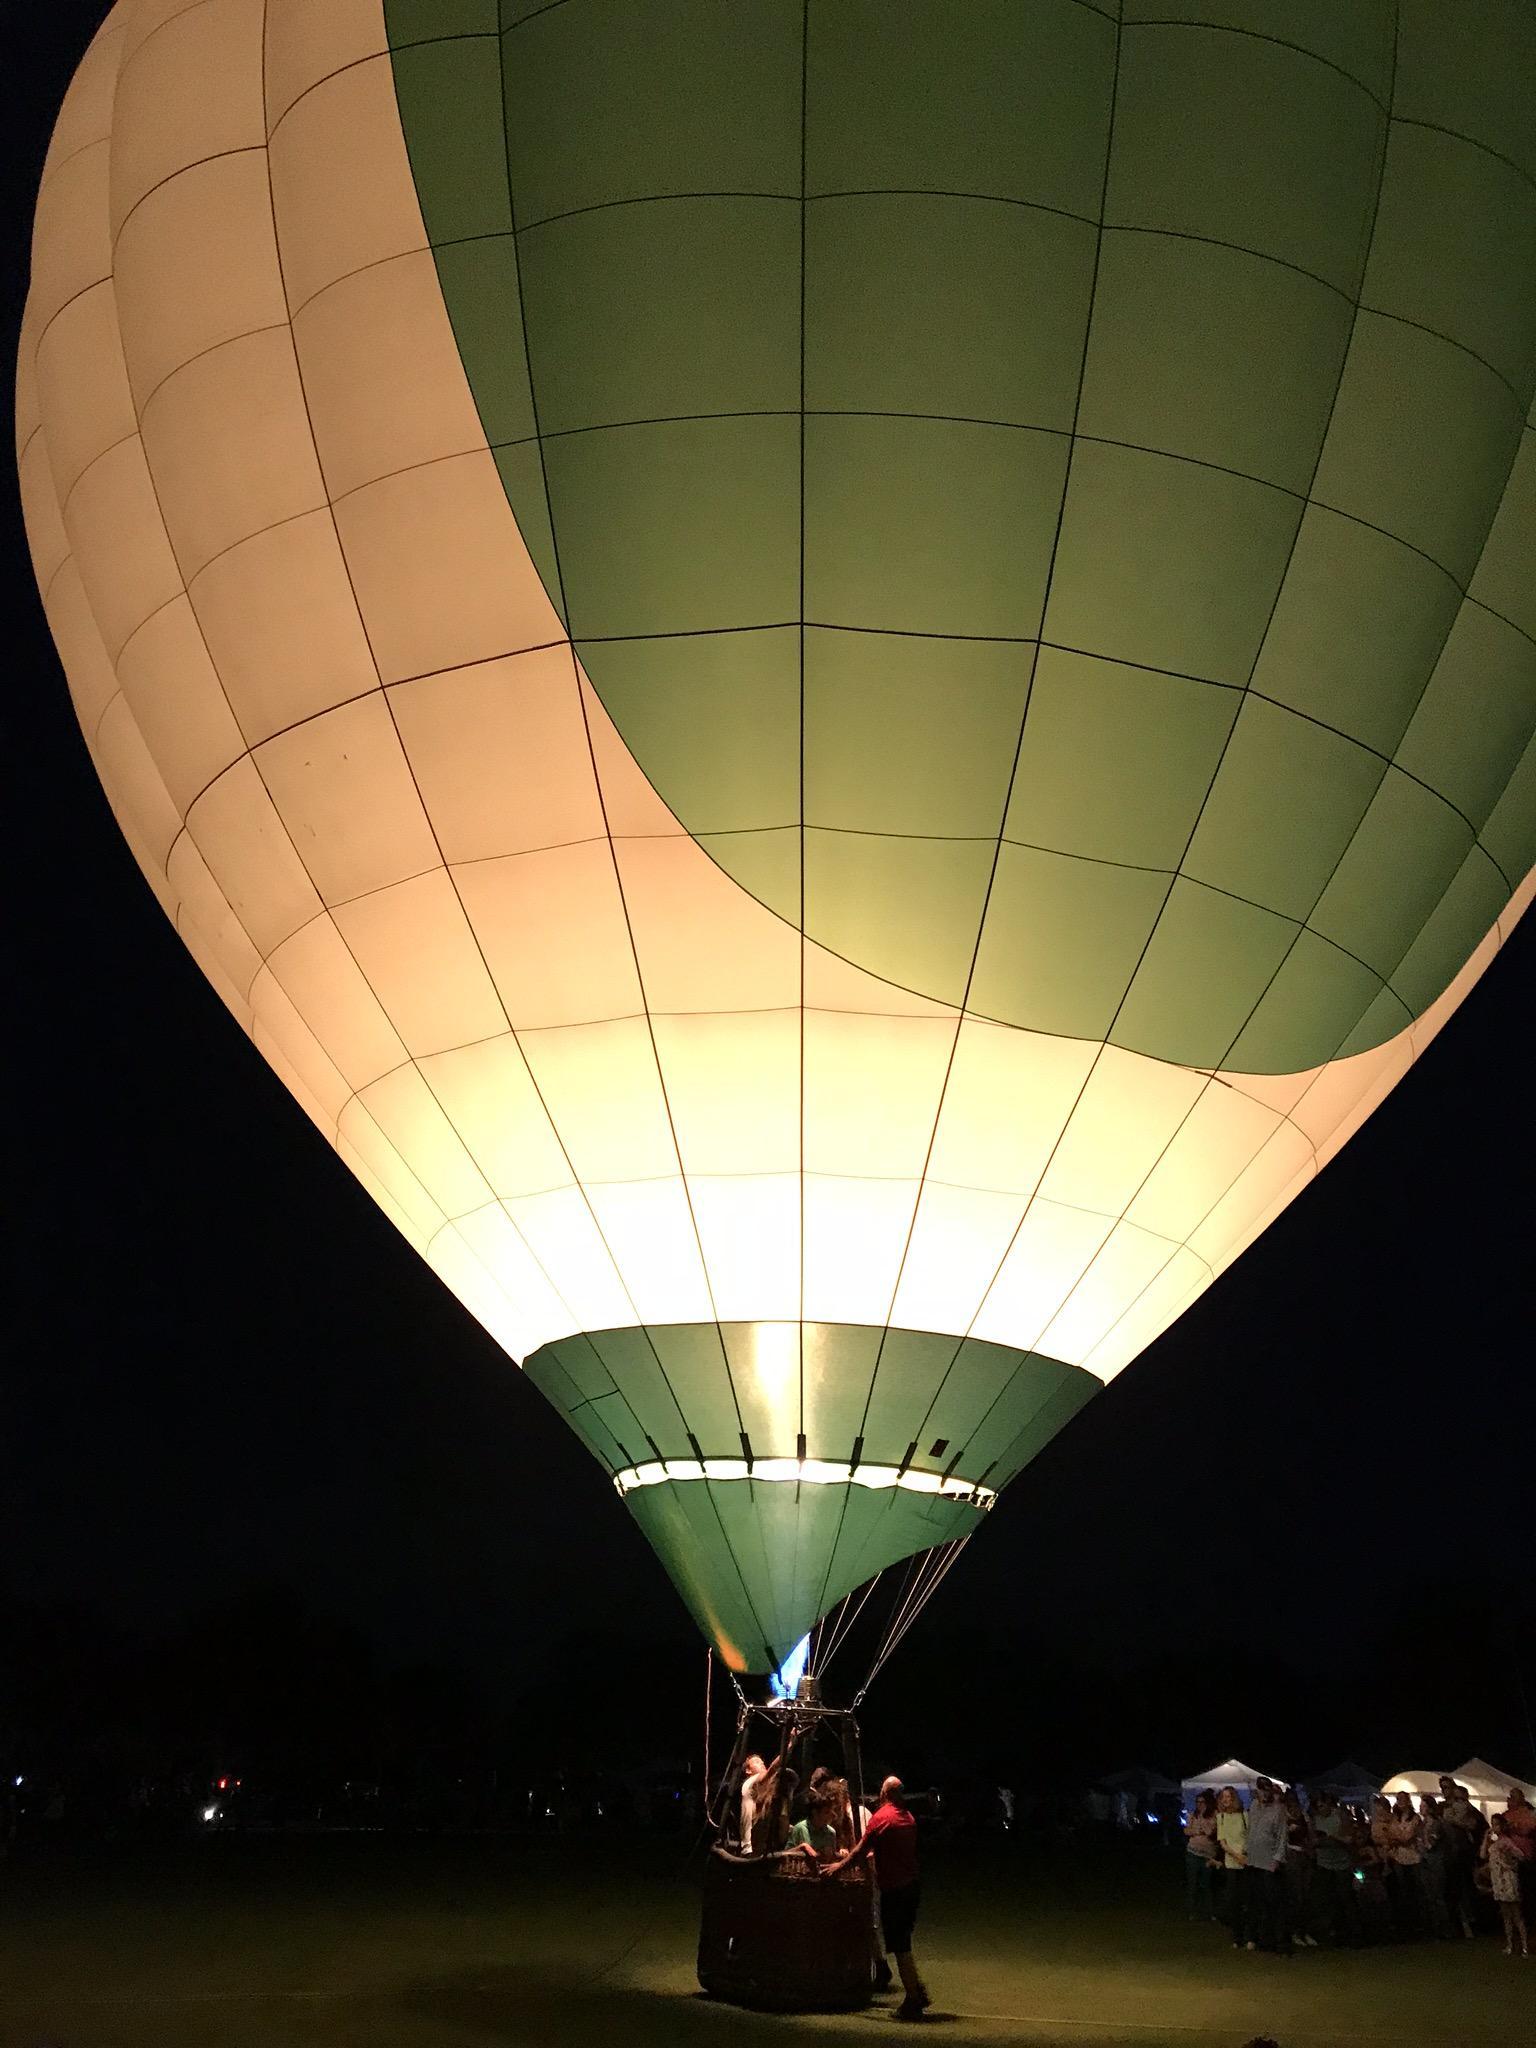 hot air balloon rides in central florida